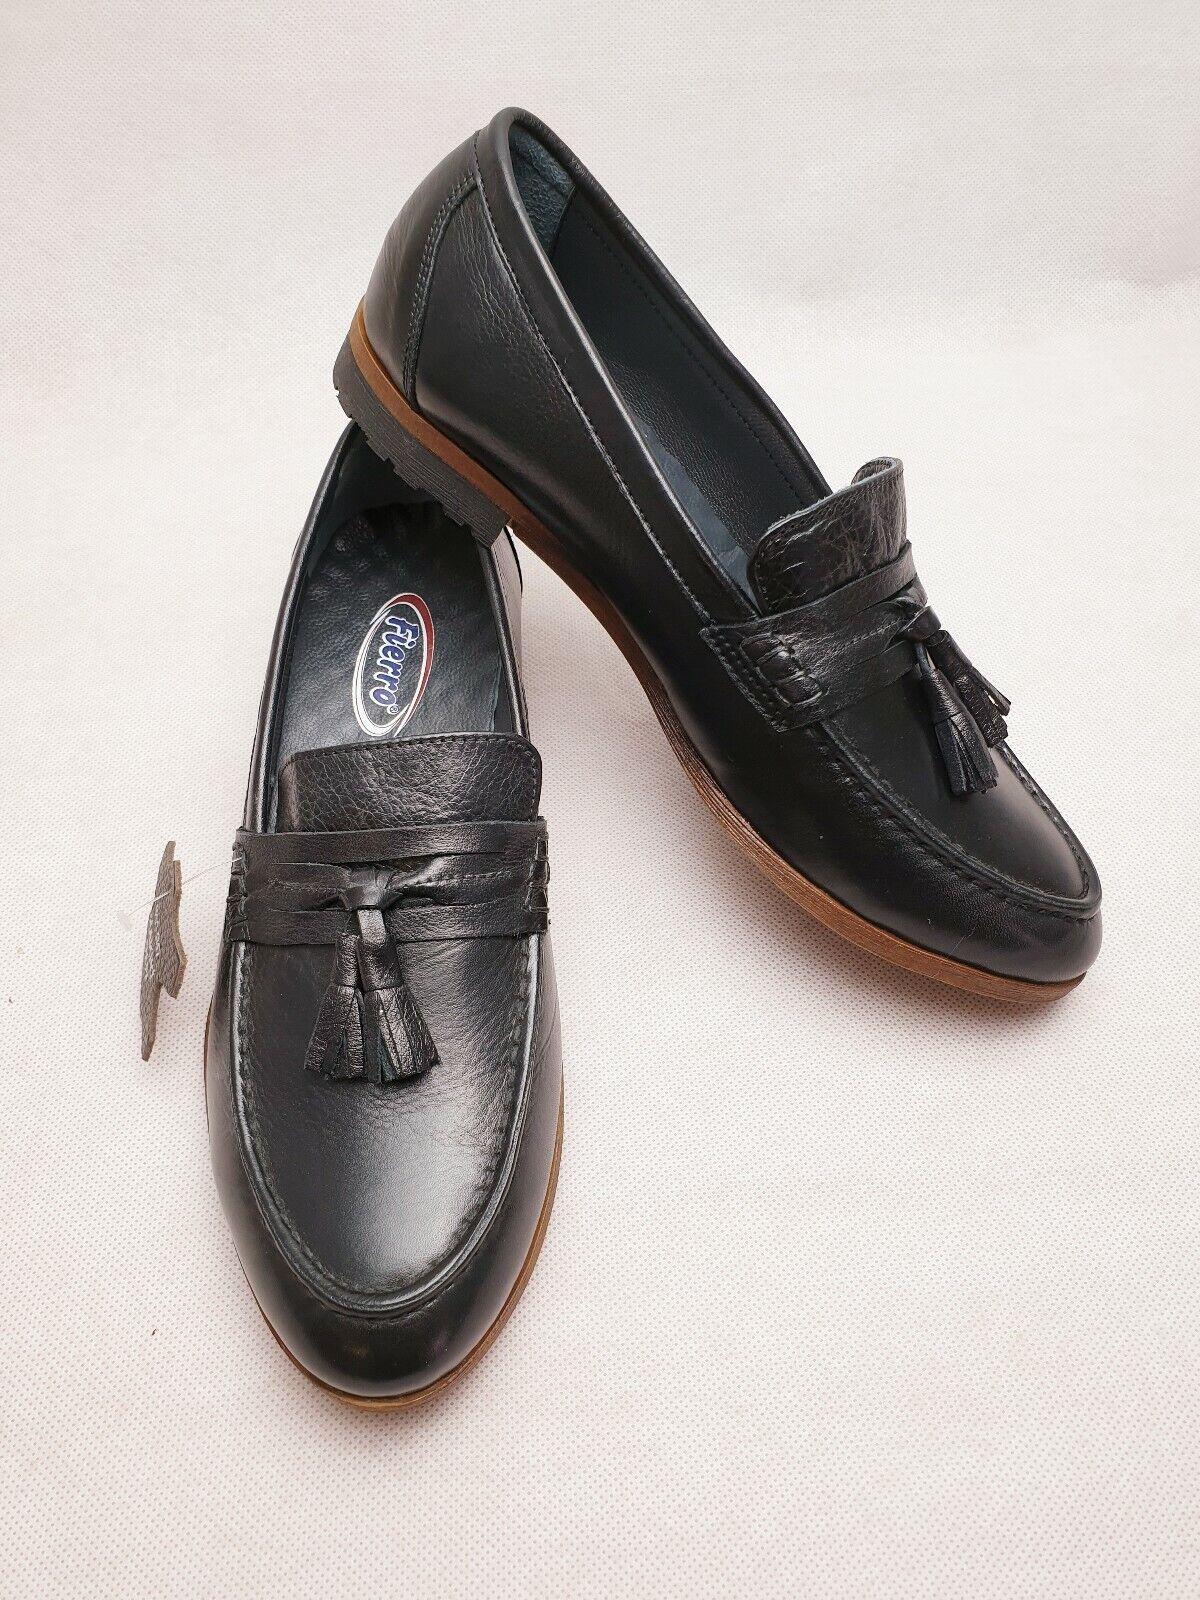 FIERRO 1706 Black Leather Flat Tassel Work Office Casual Women Loafers Size Uk 5